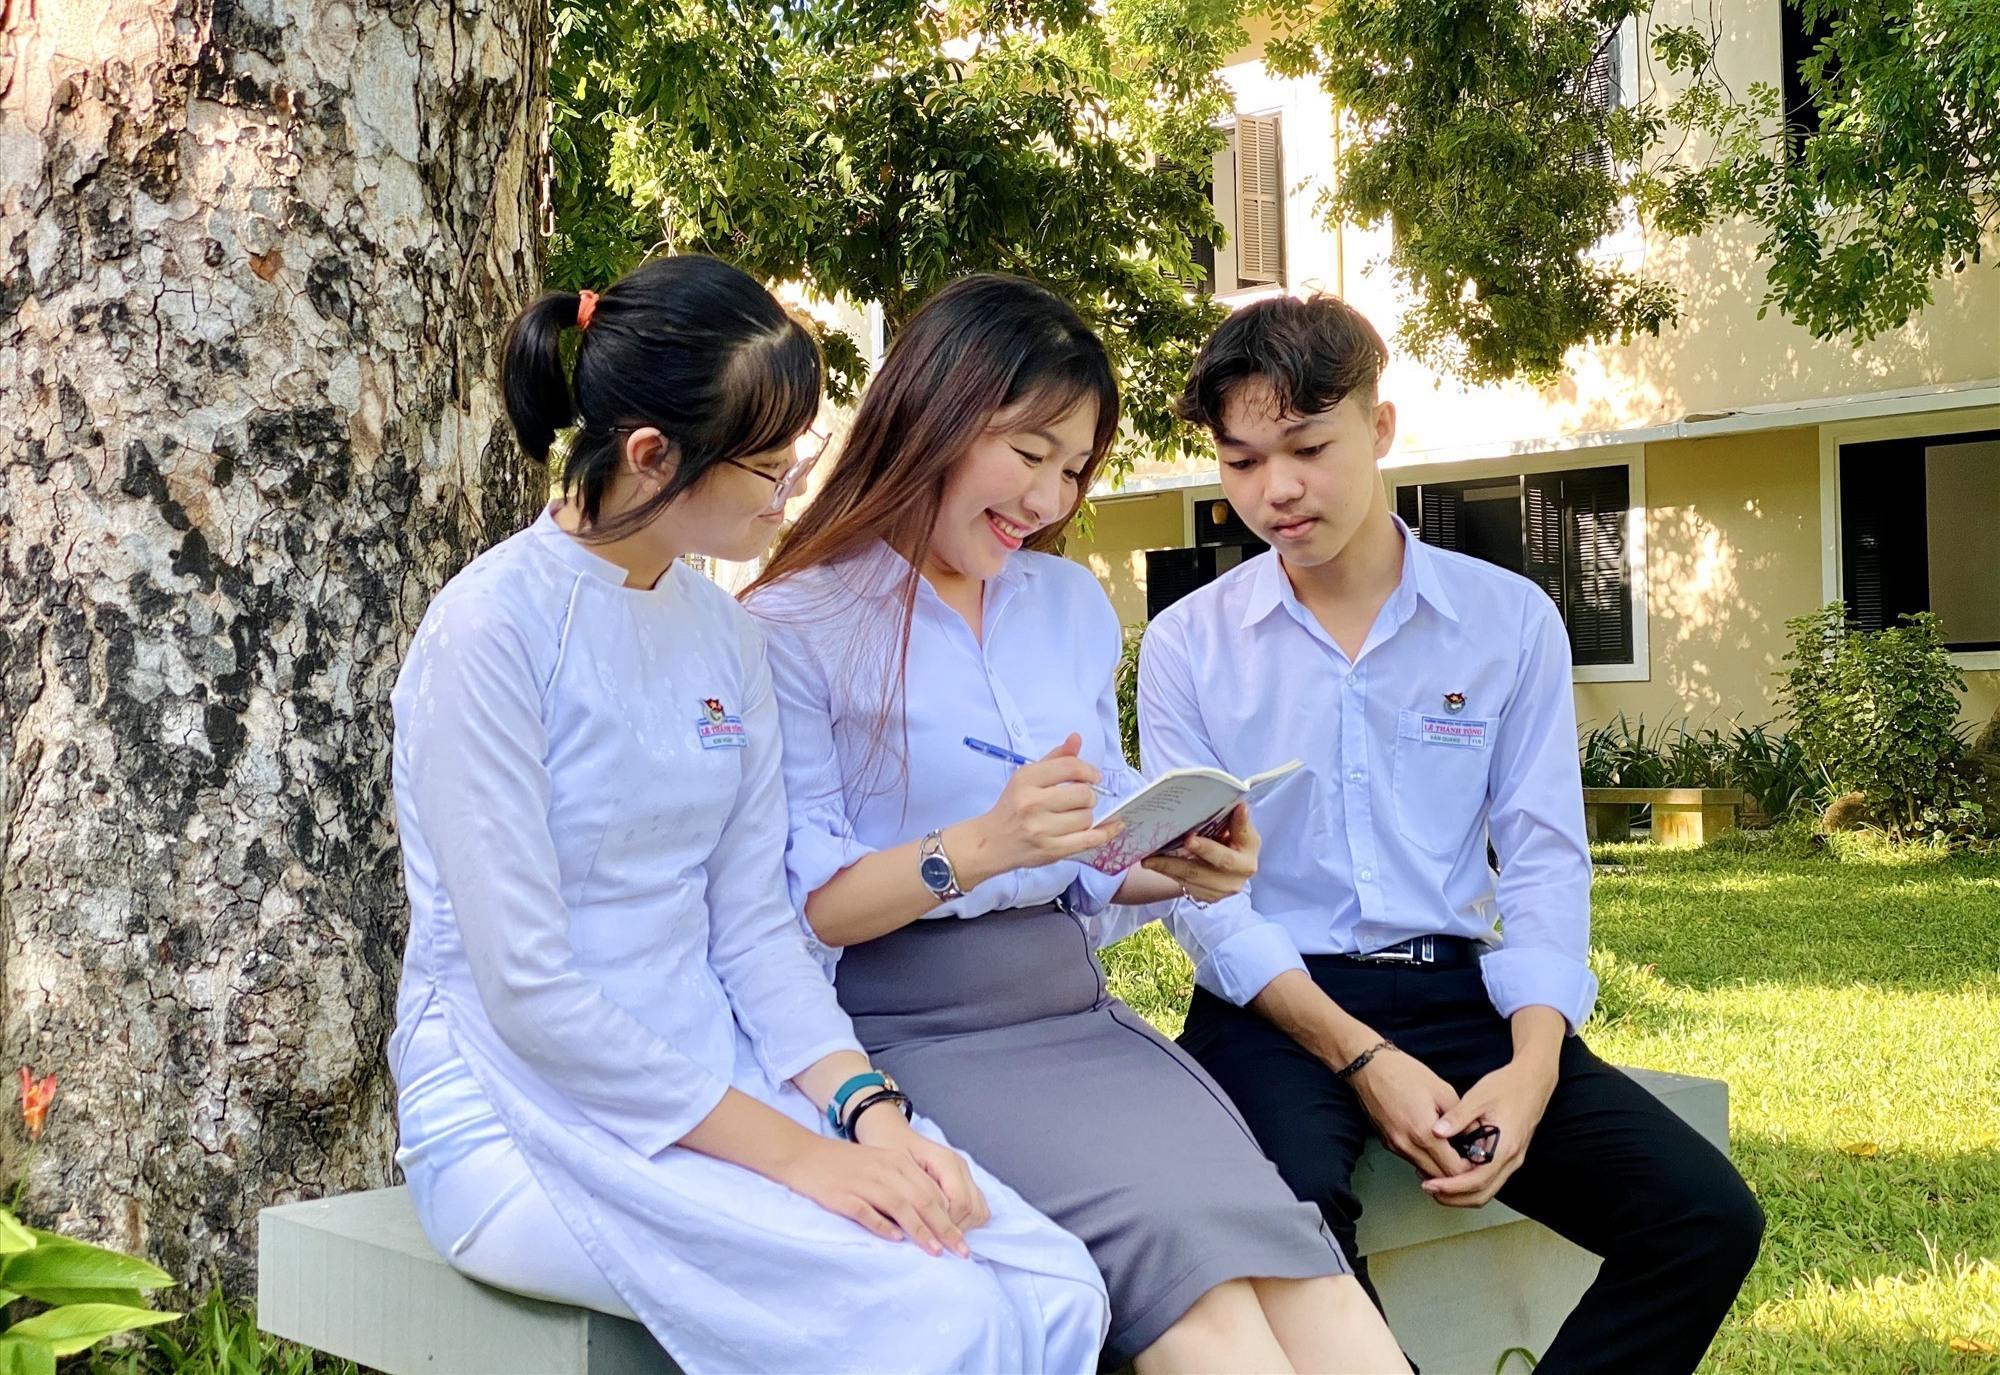 Cô giáo chủ nhiệm trao đổi việc học với Quang và Ngân ngoài giờ học chính khóa. Ảnh: C.N